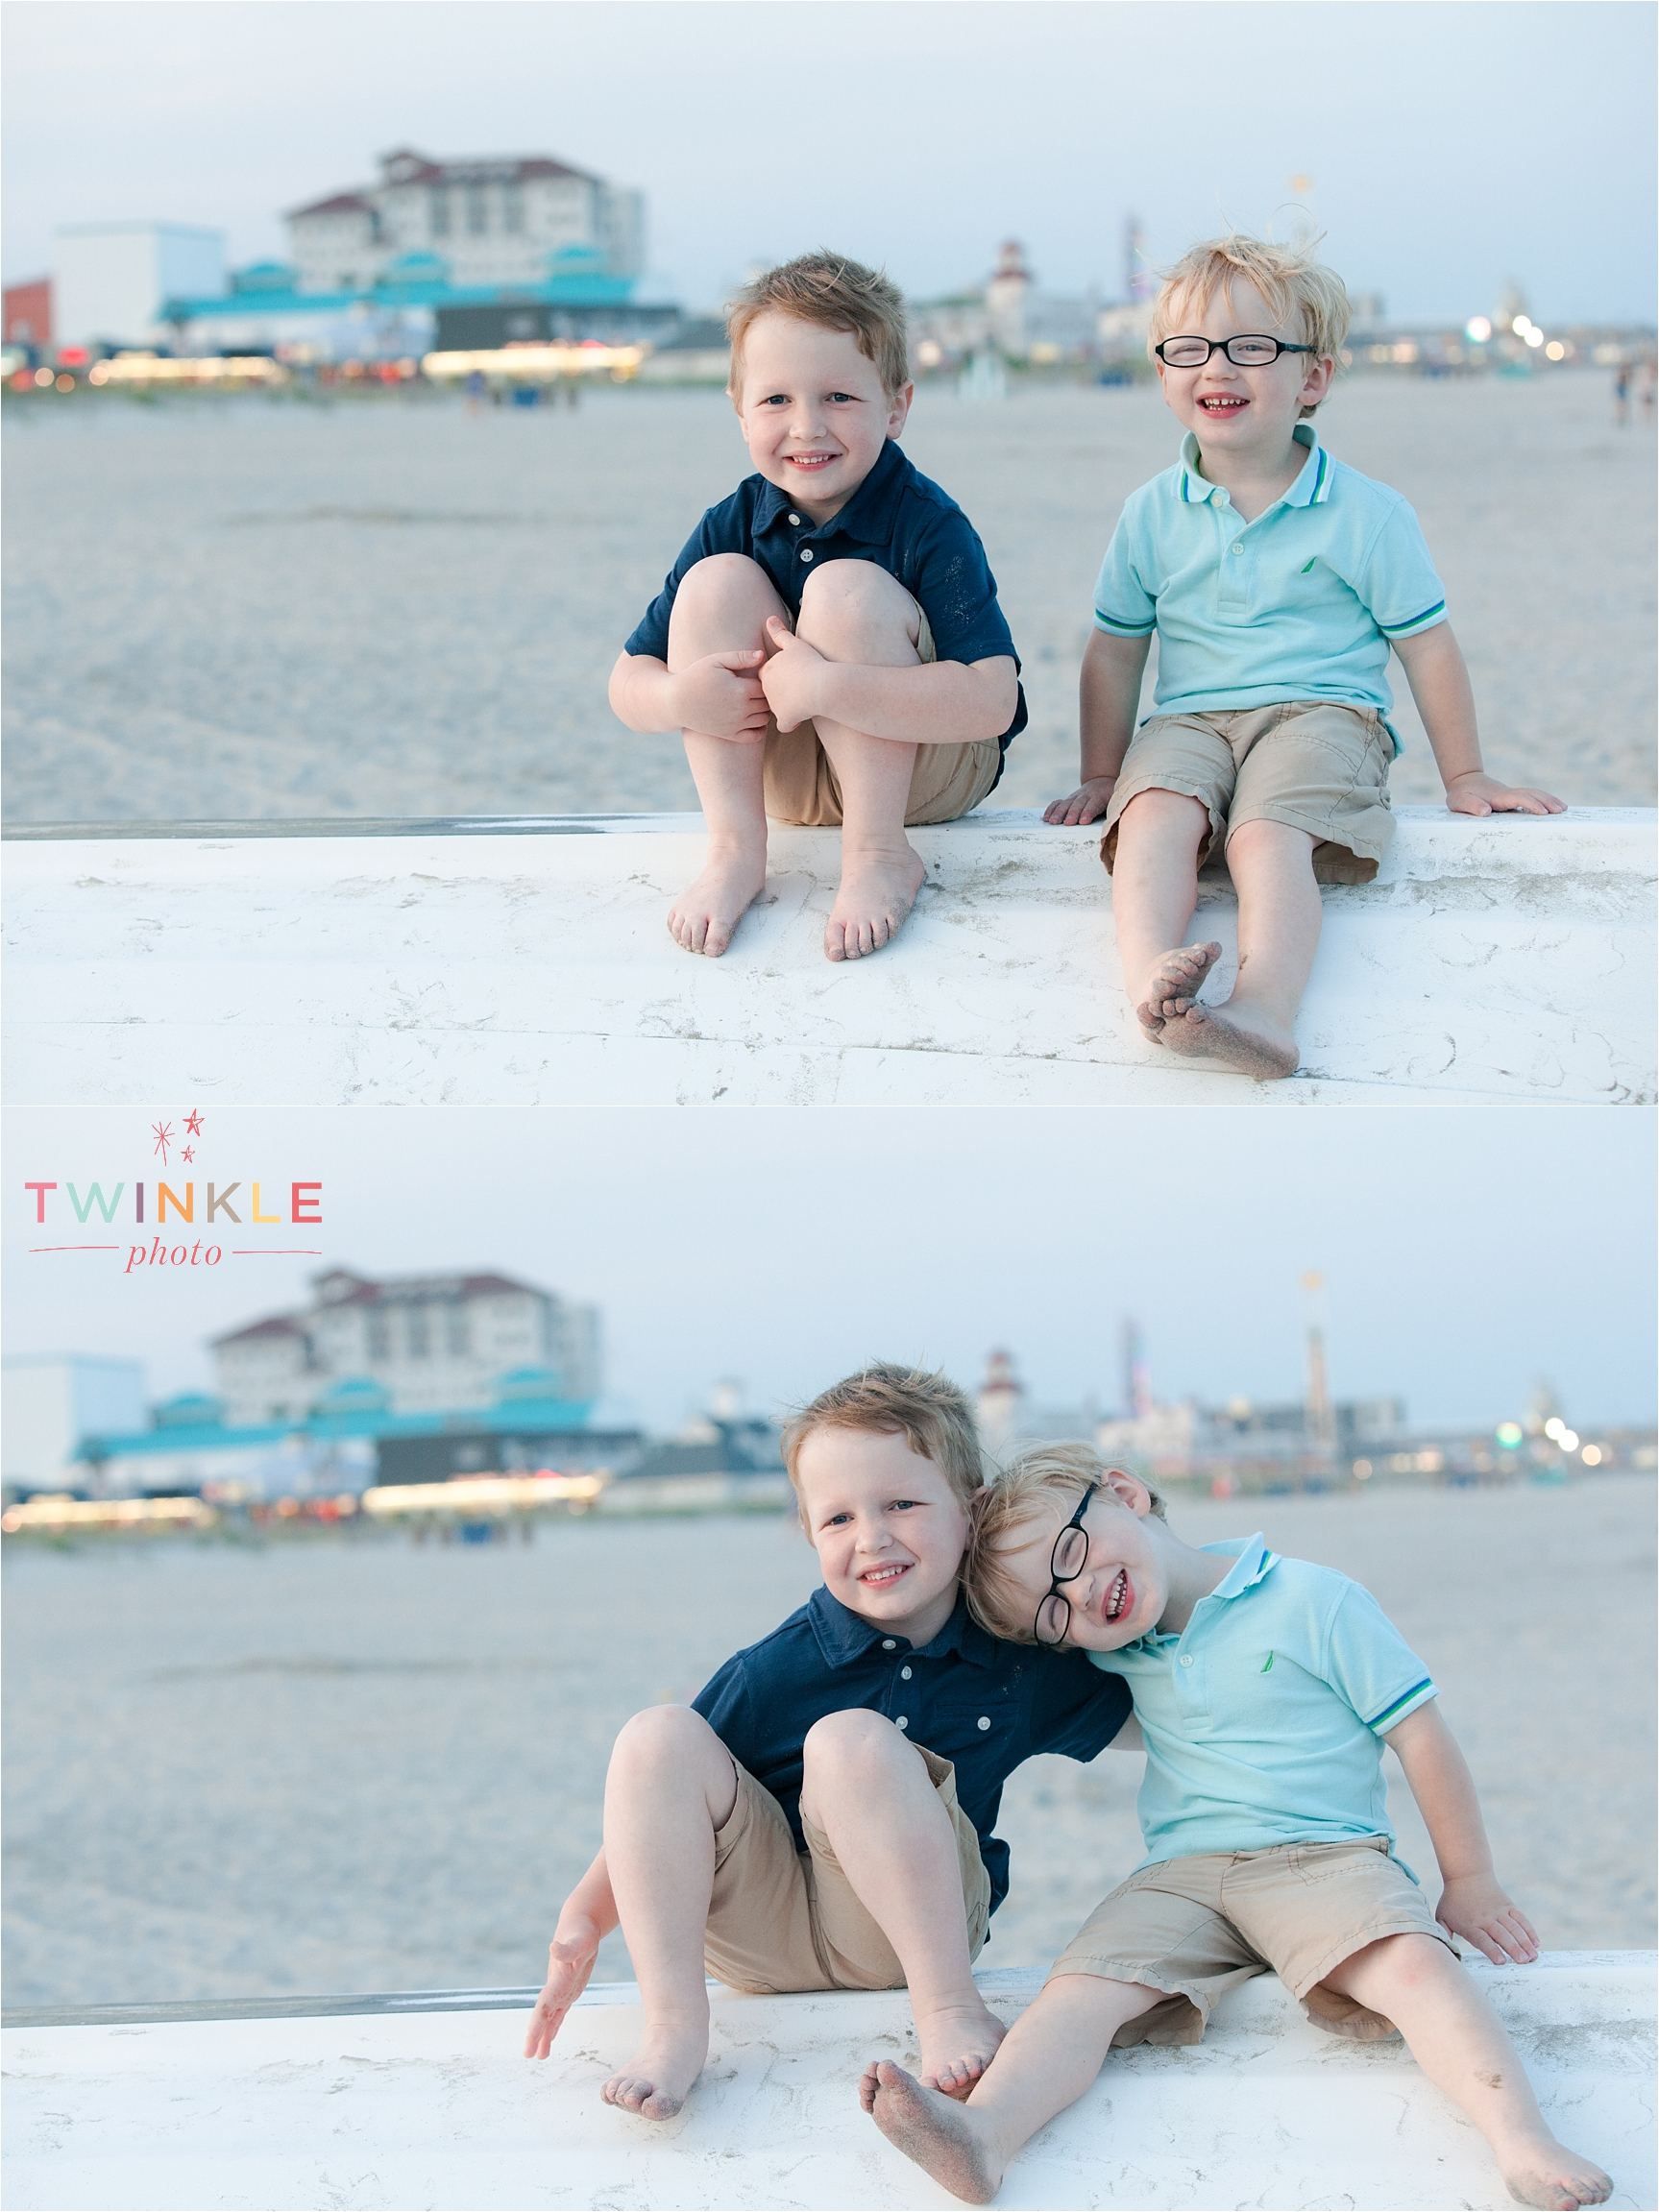 Ocean City NJ Avalon Sea Isle City Beach Photography Photographer OCNJ-11